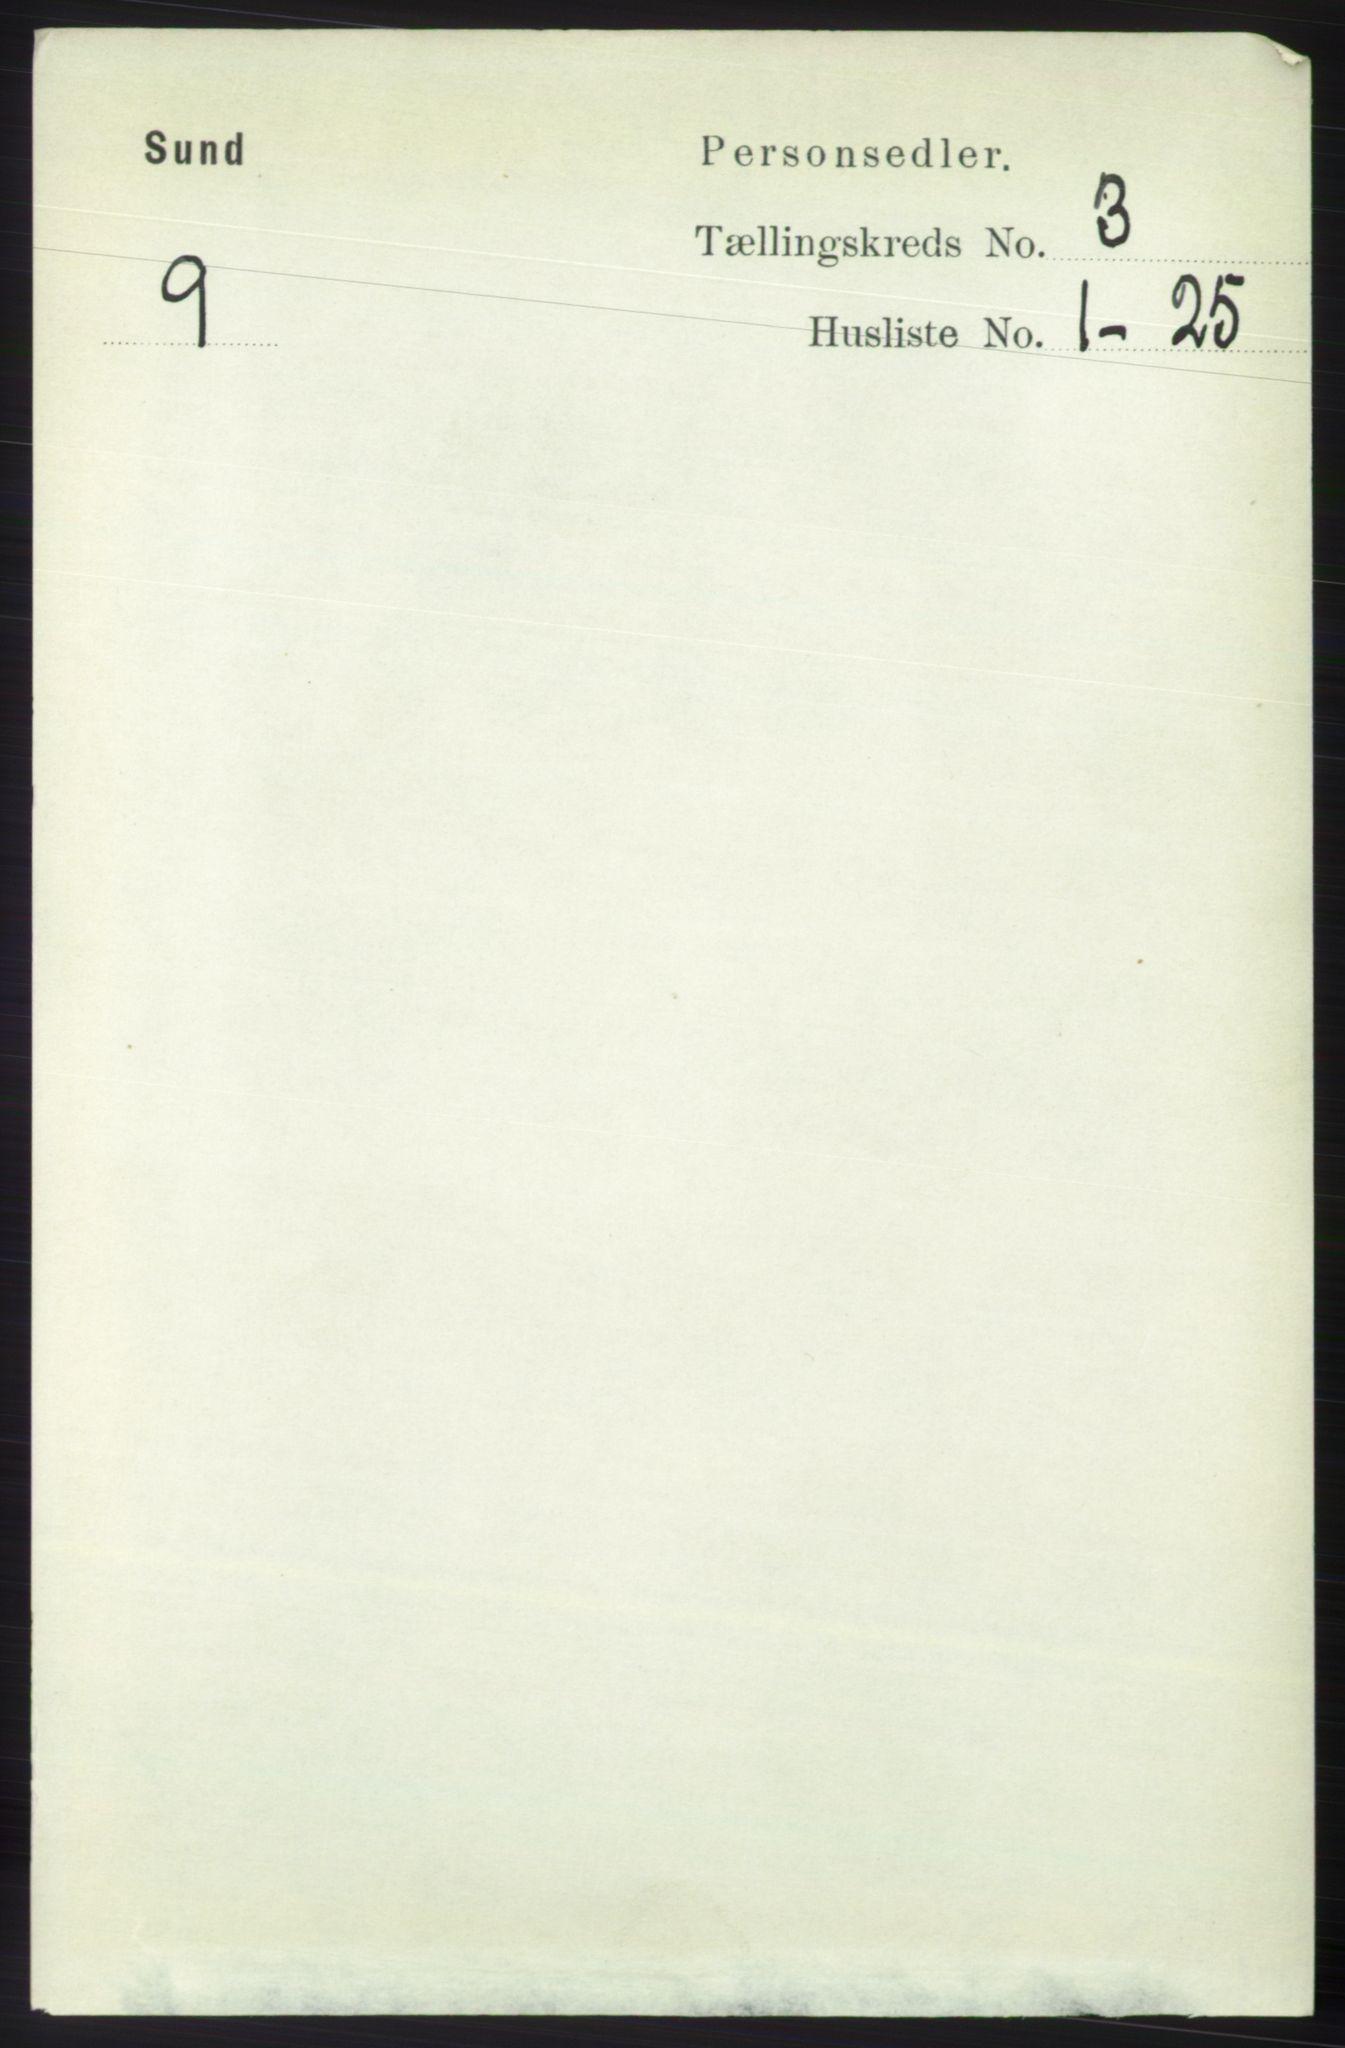 RA, Folketelling 1891 for 1245 Sund herred, 1891, s. 1208